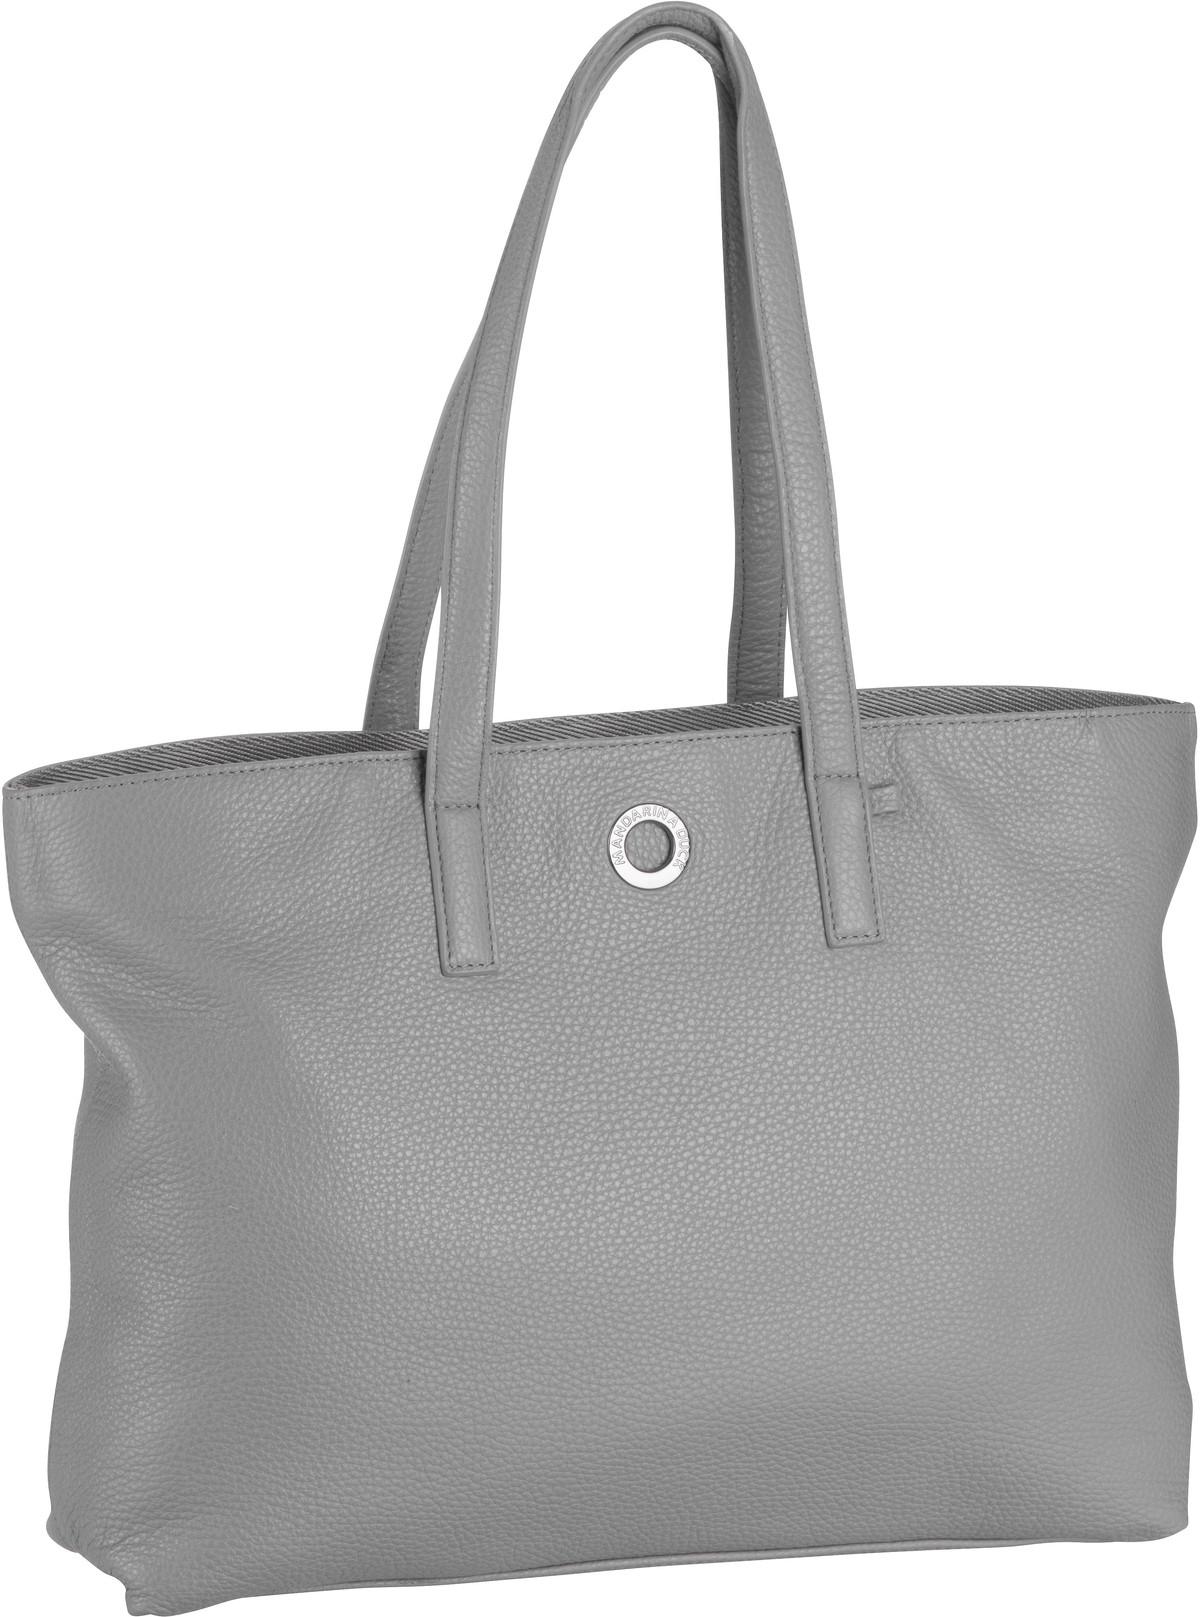 Handtasche Mellow Leather Shopping Bag FZT24 Aluminium